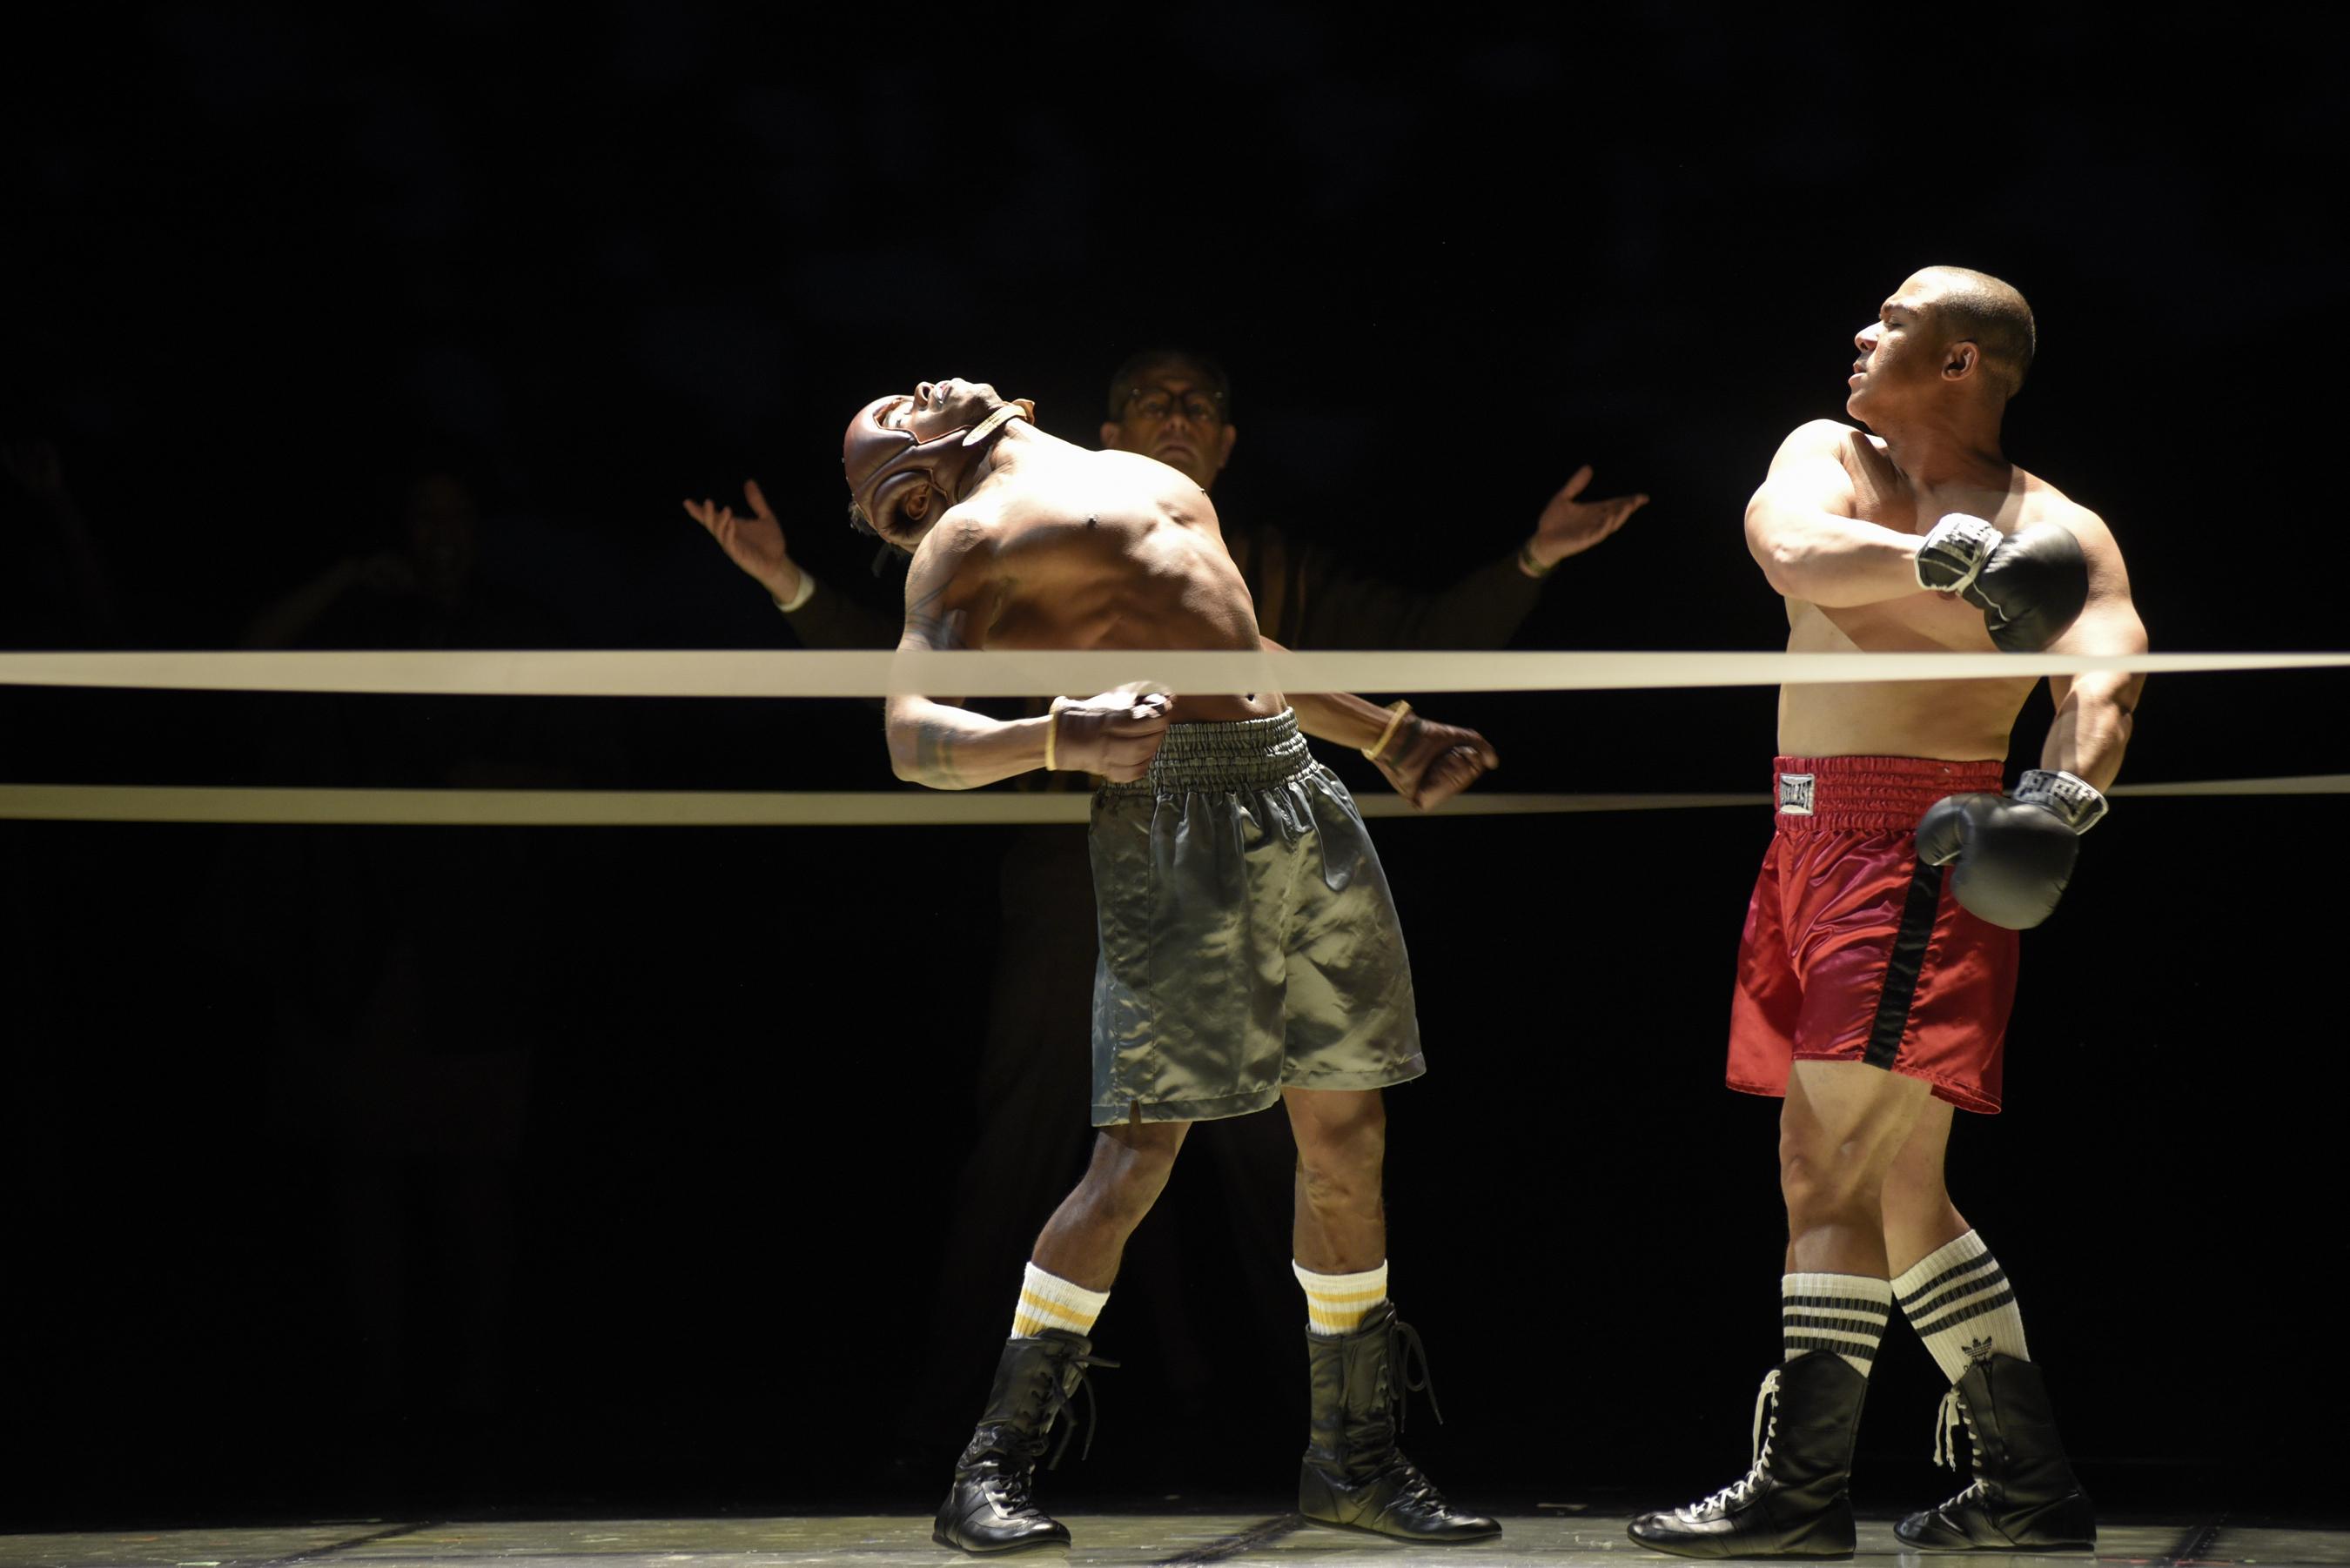 Opera - Champion - Boxing - Montreal